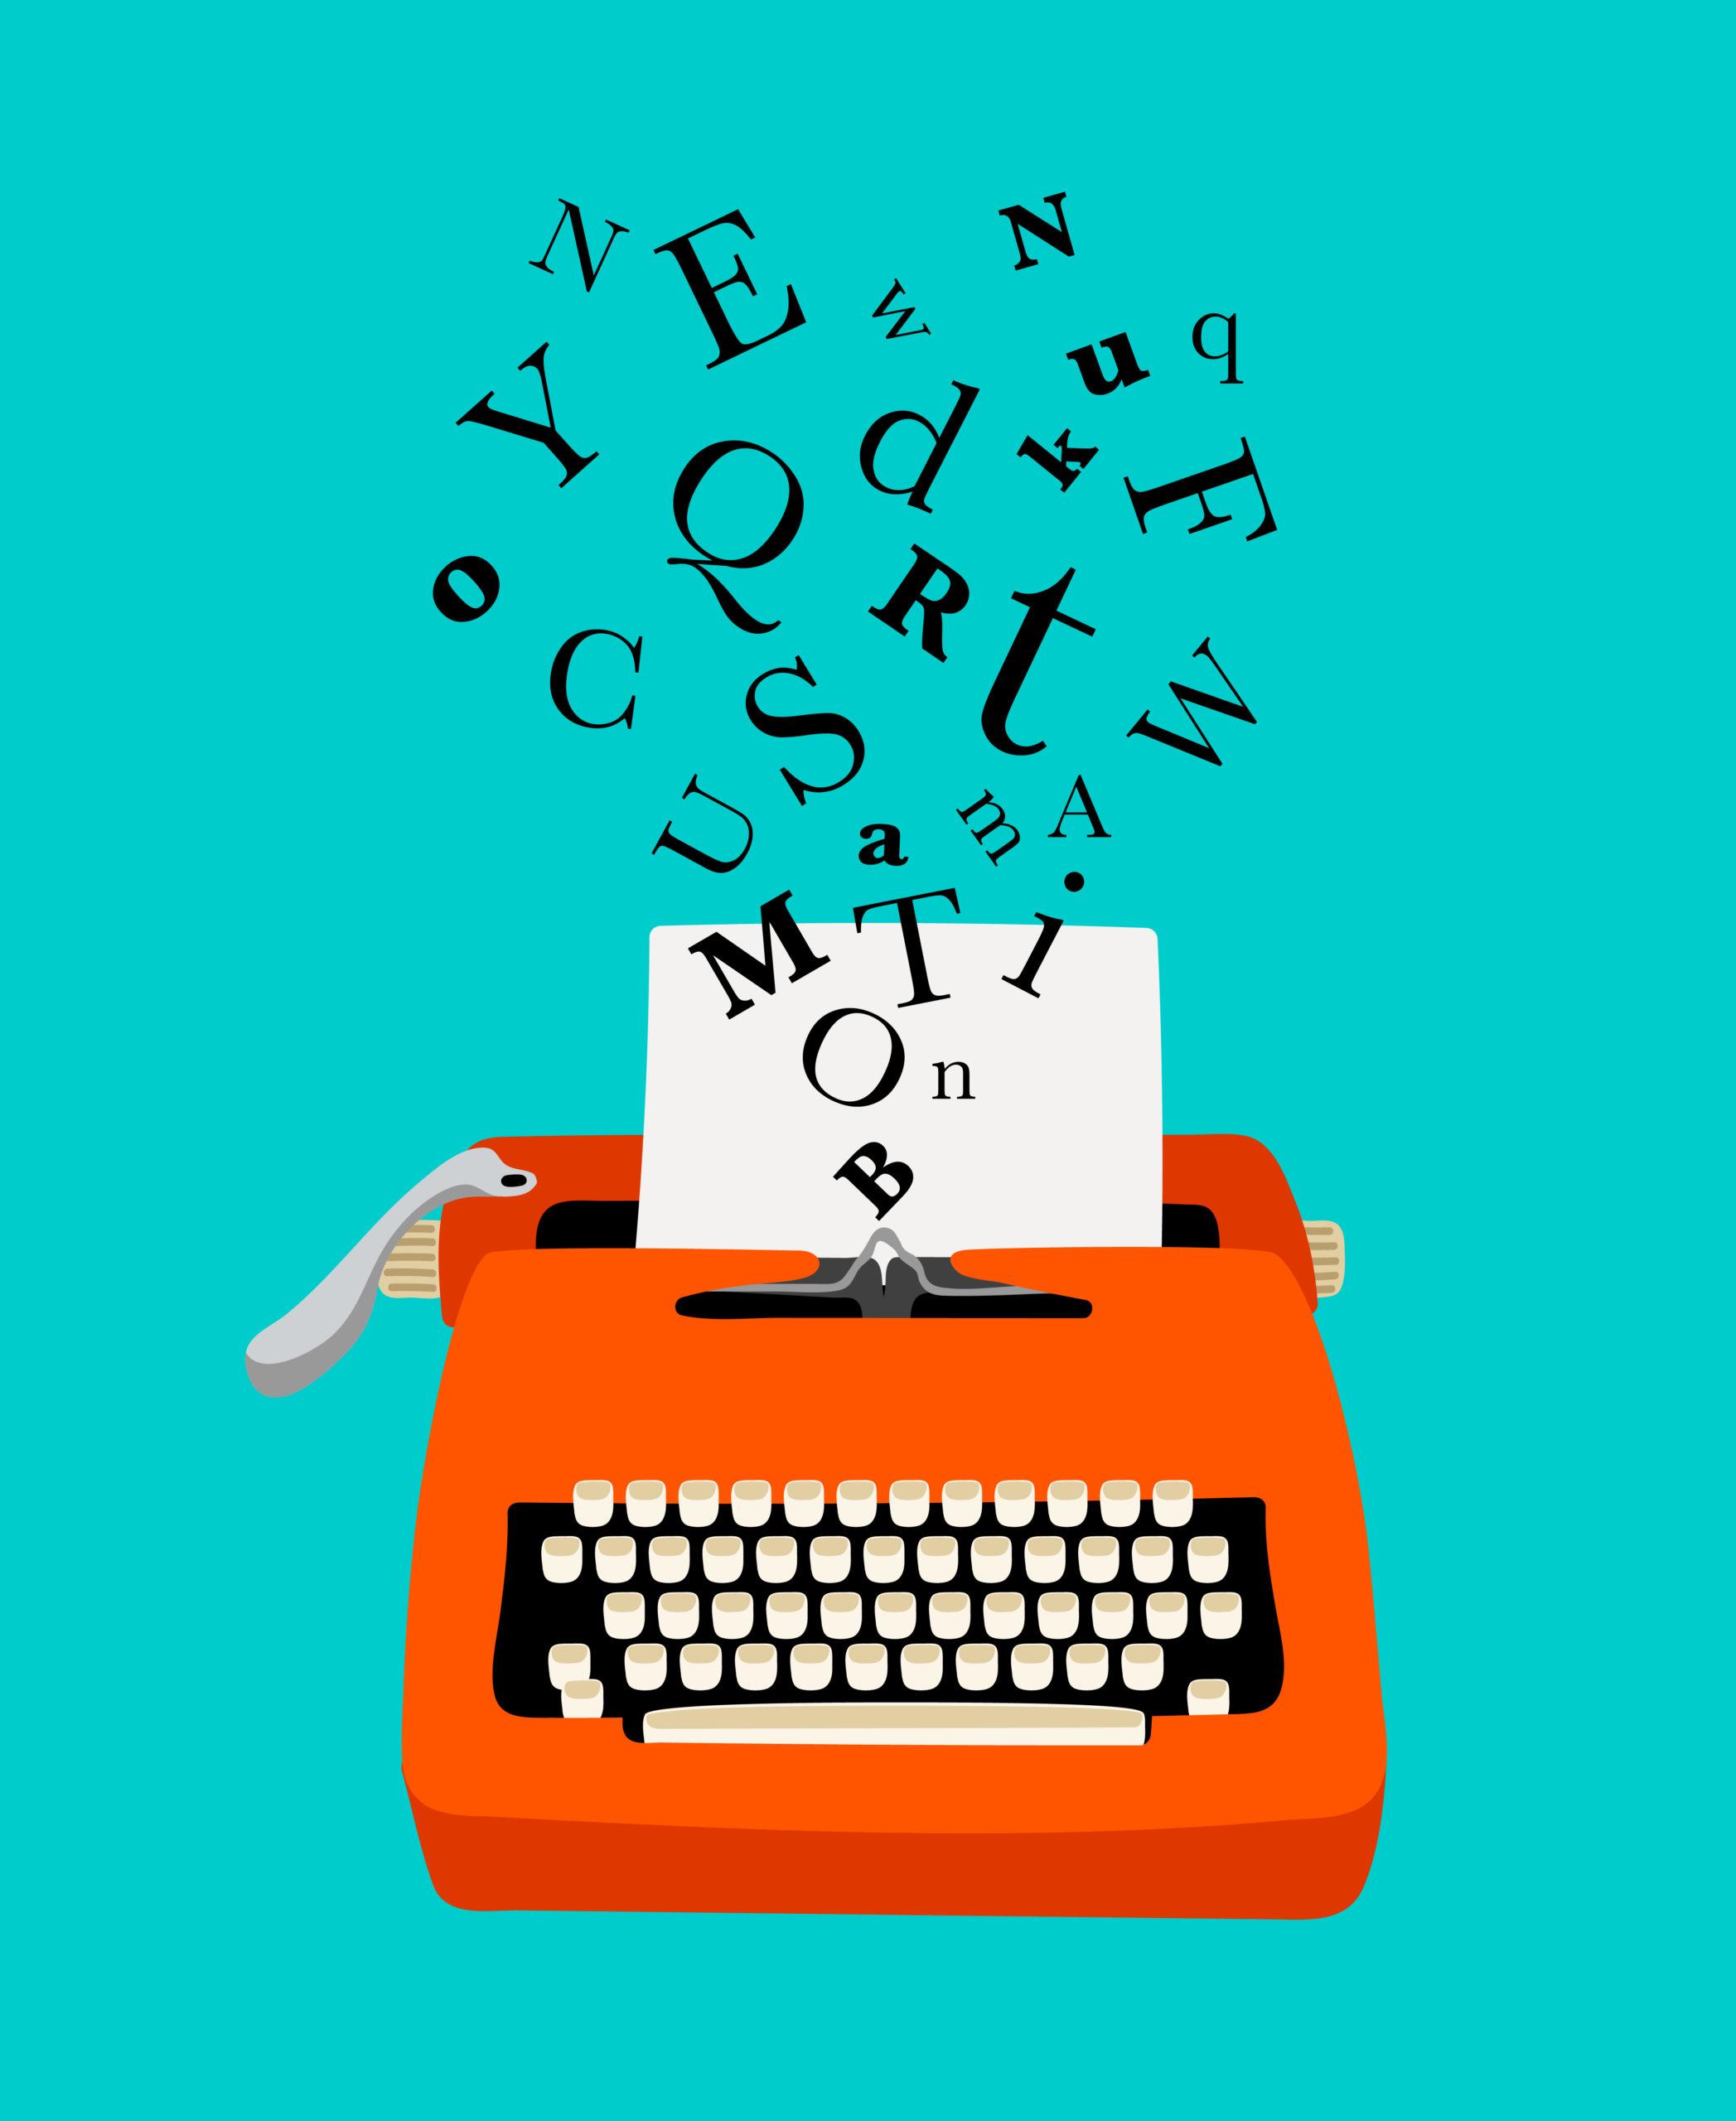 Typewriter colorful icon